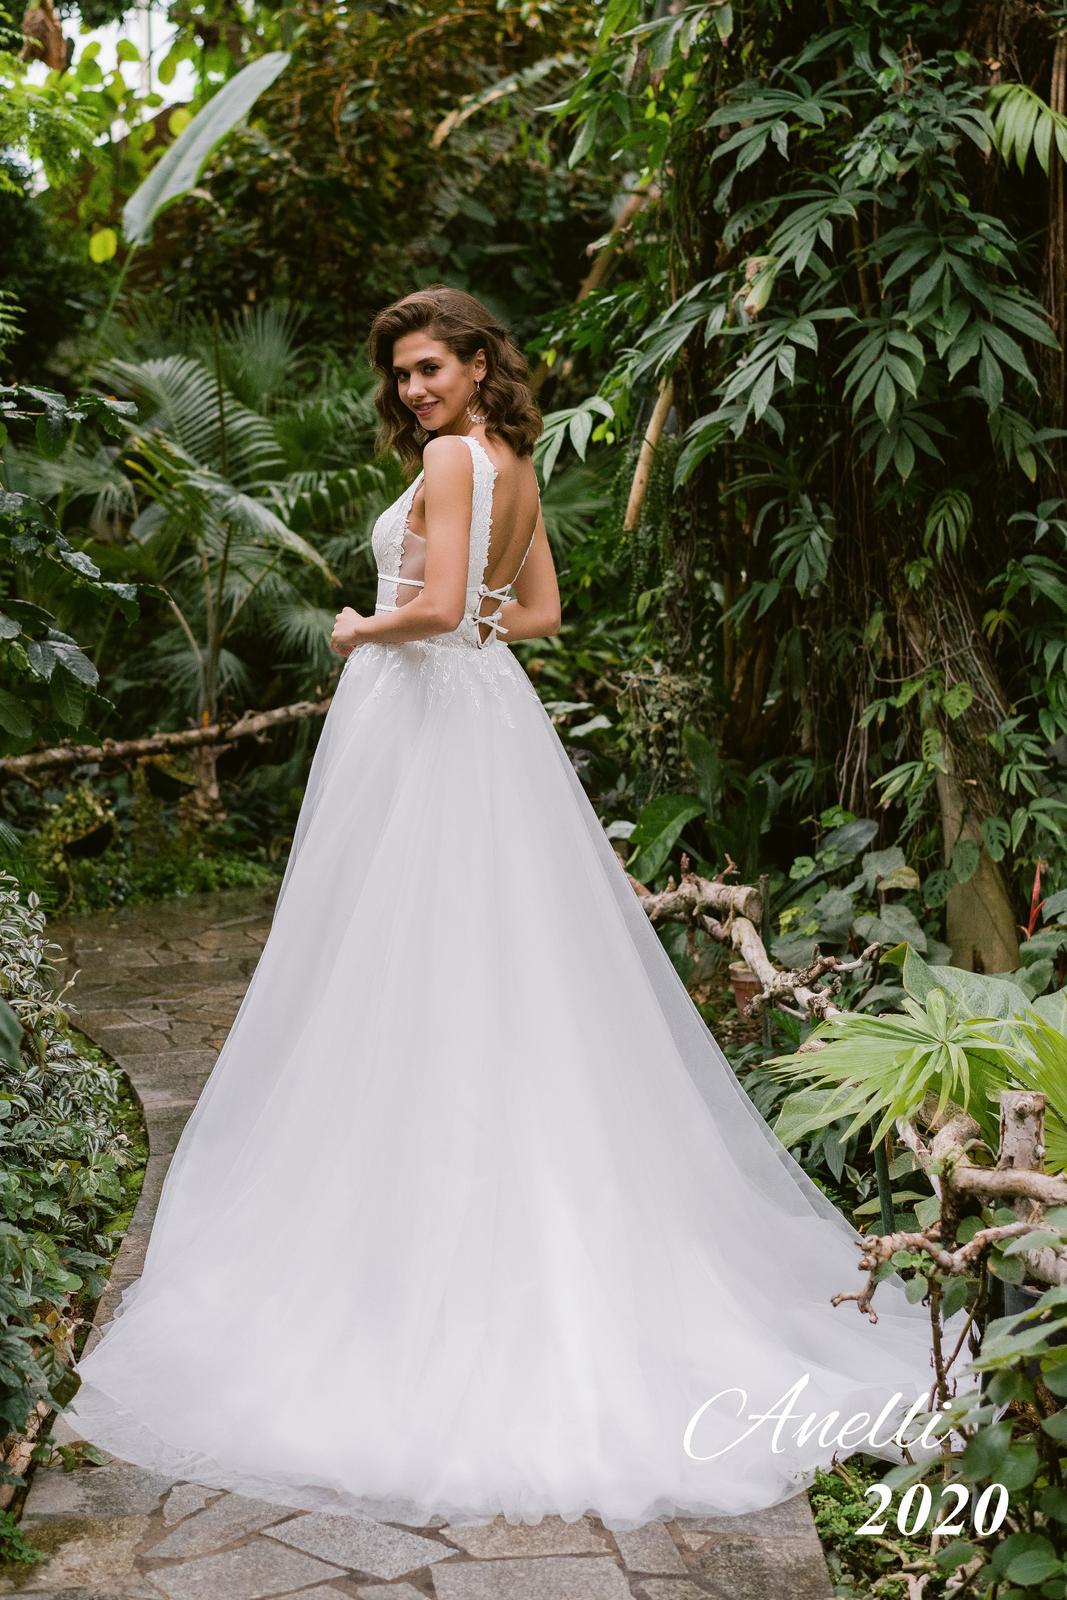 Svadobné šaty - Breeze 2020 - Obrázok č. 3